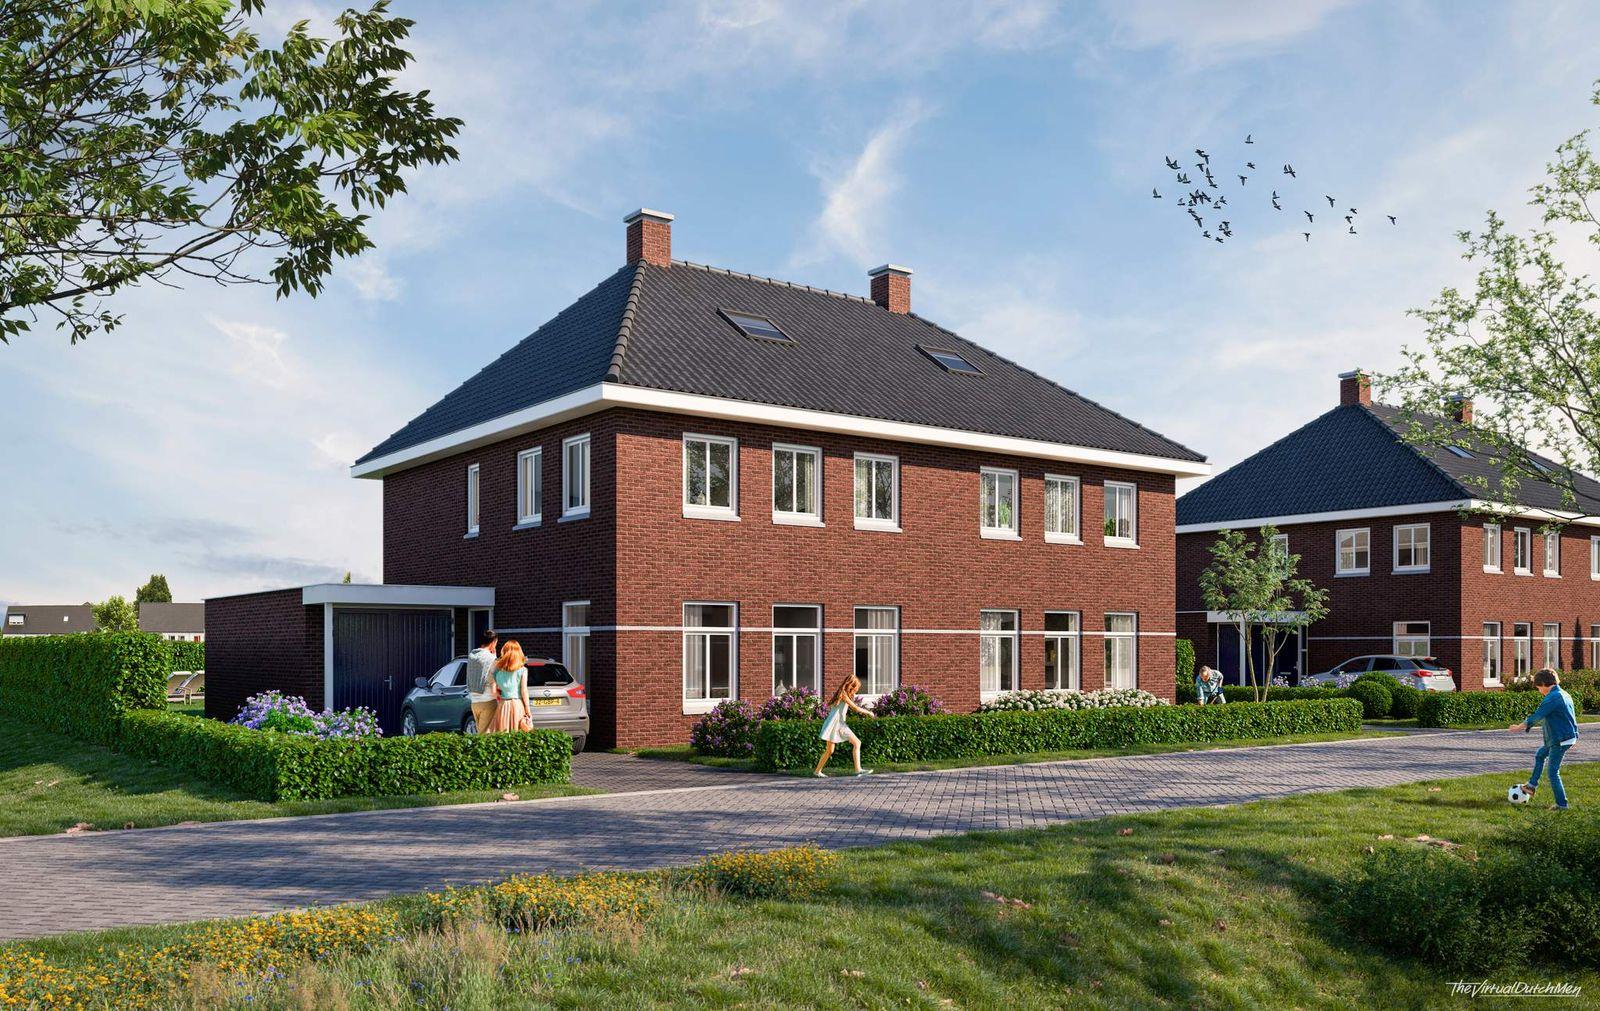 Snikke bouwnummer 9 0-ong, Nieuw-amsterdam